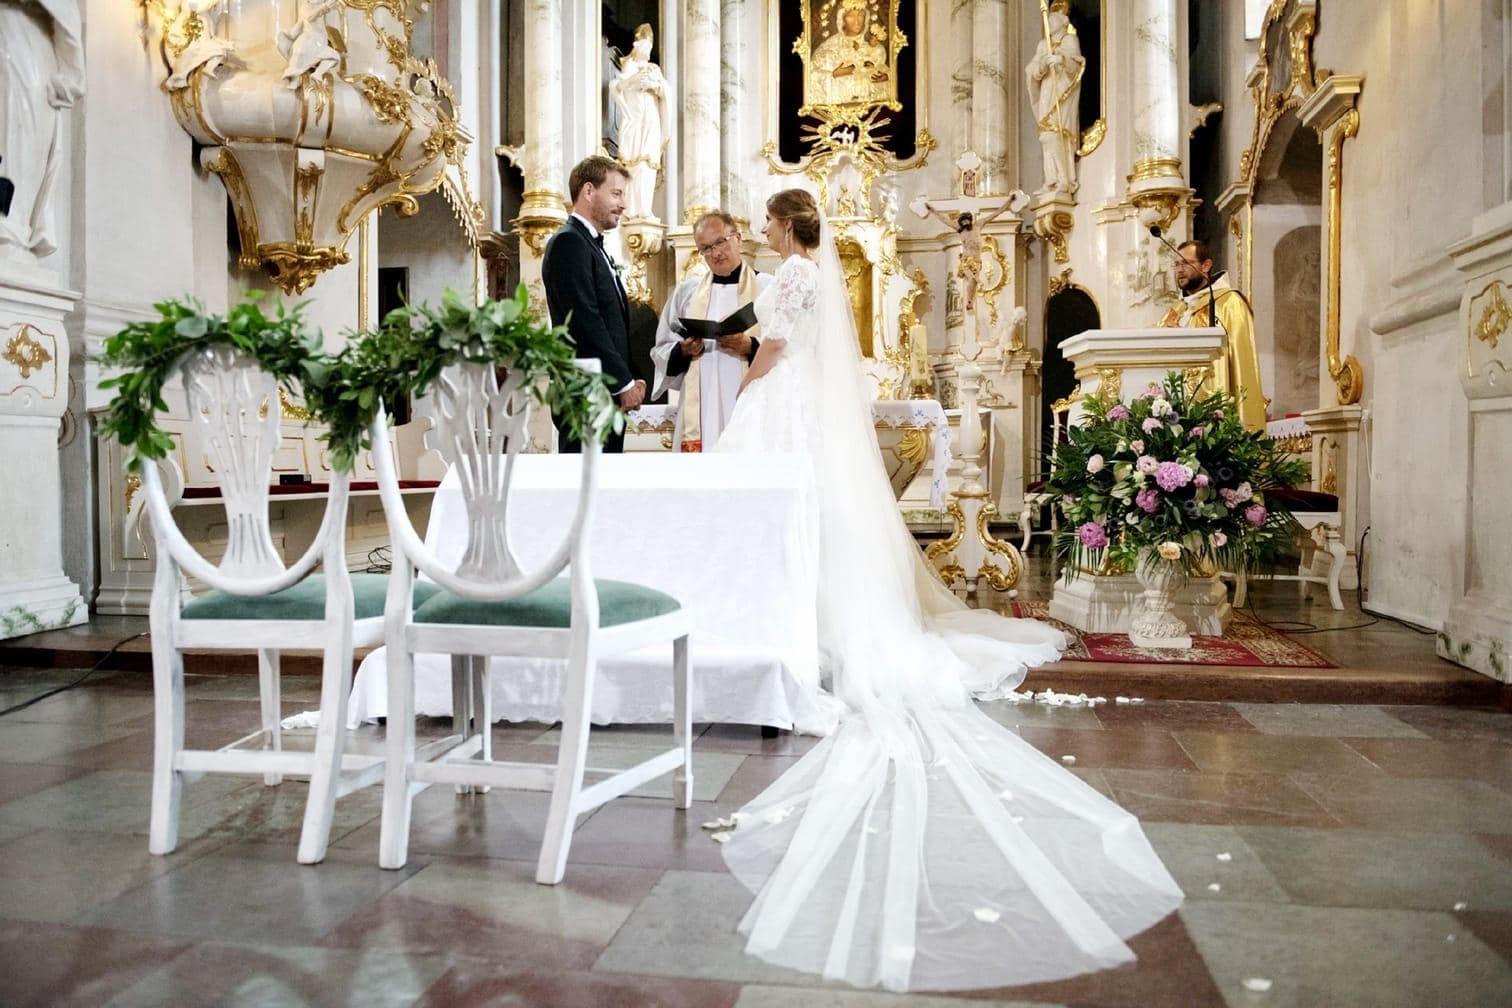 <p>Und Gerald musste in der Kirche warten...</p> Foto: MG RTL D / flashed by micky